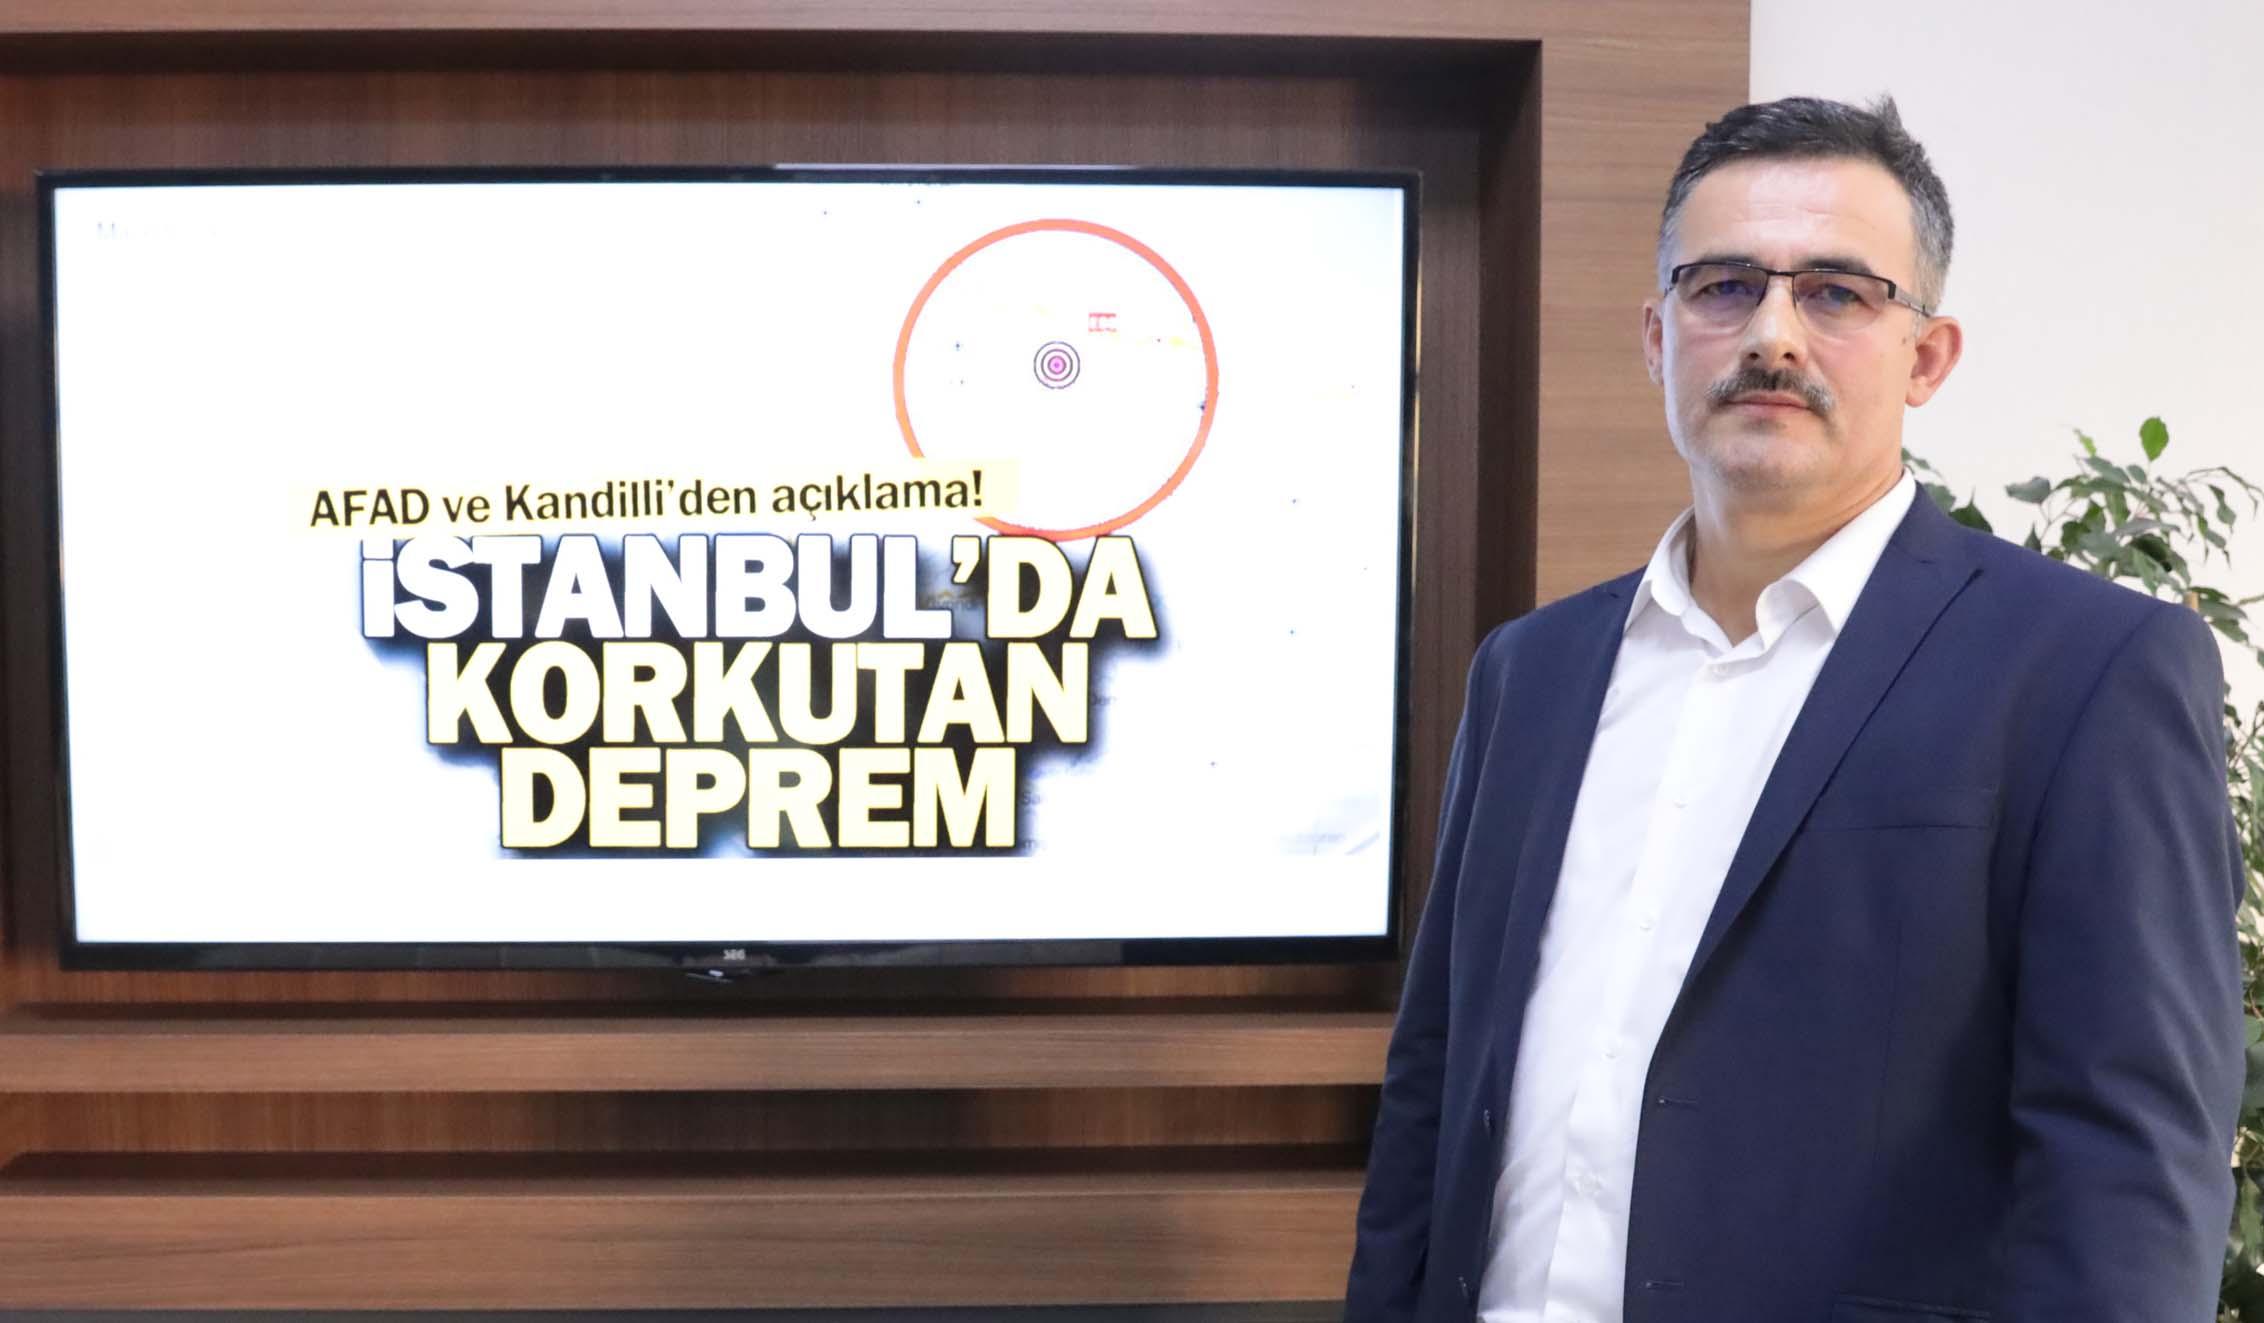 PROF. DR. ÇAĞLAR'DAN DEPREM UYARISI